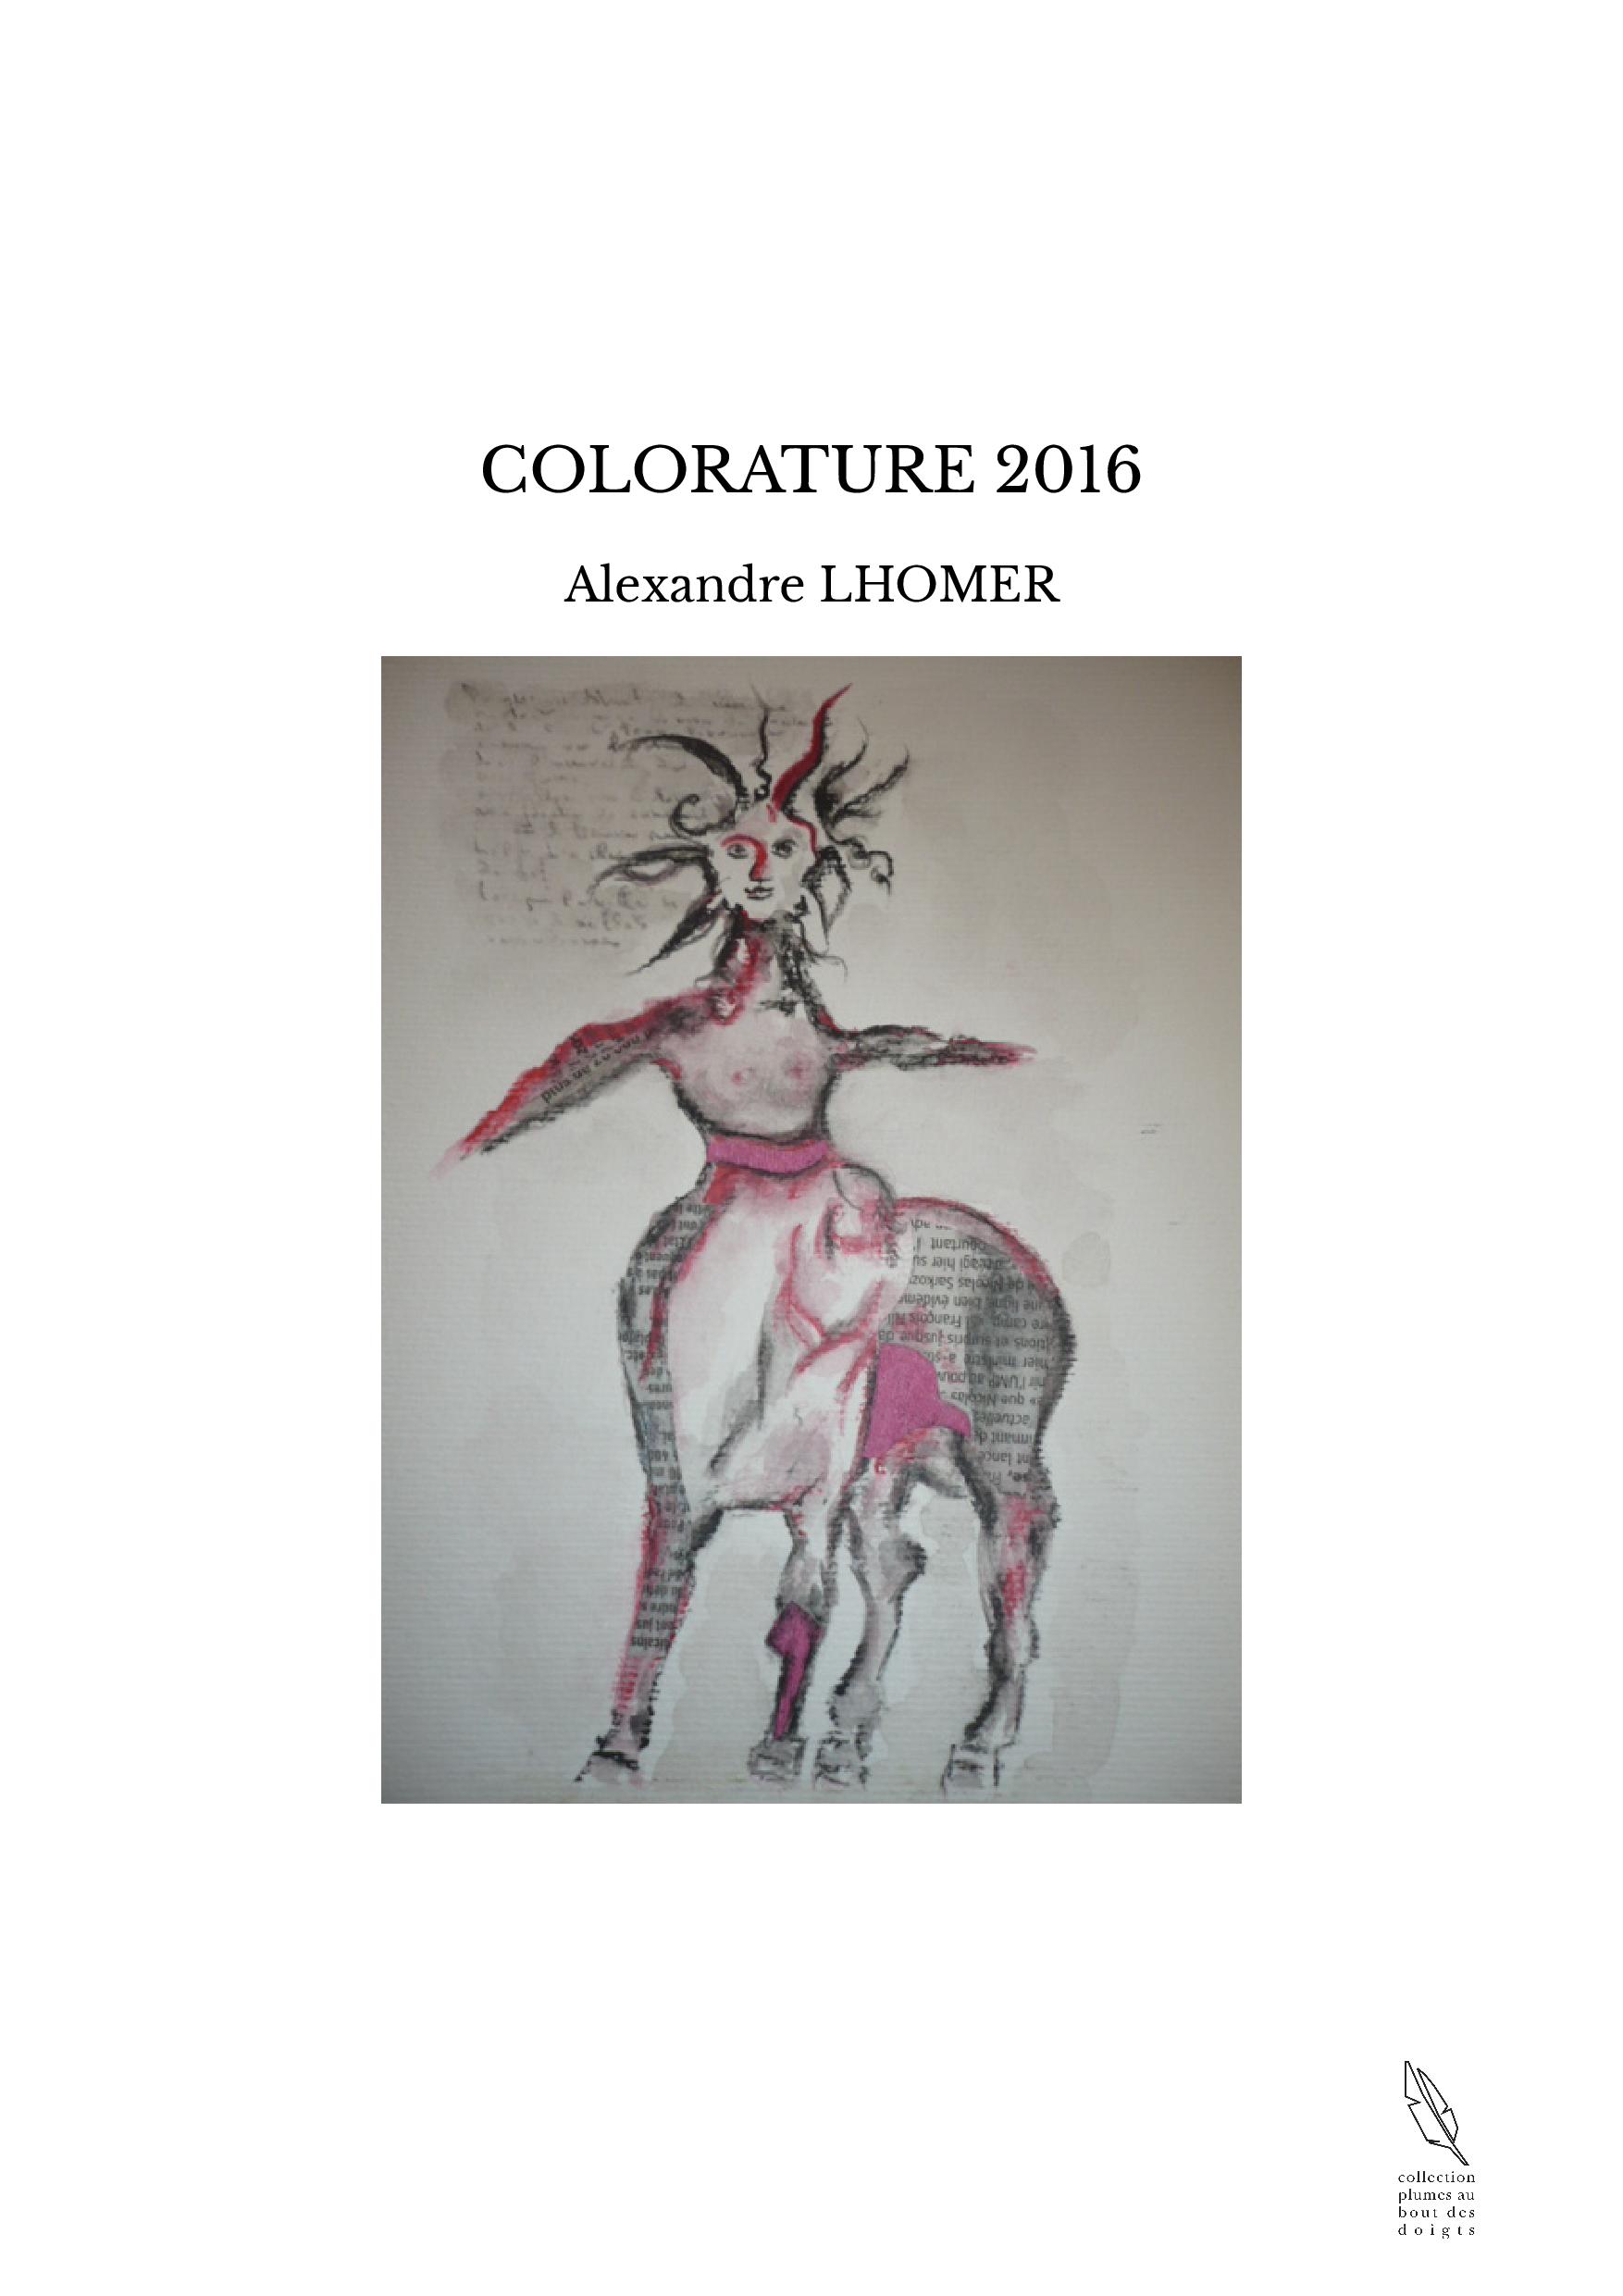 COLORATURE 2016